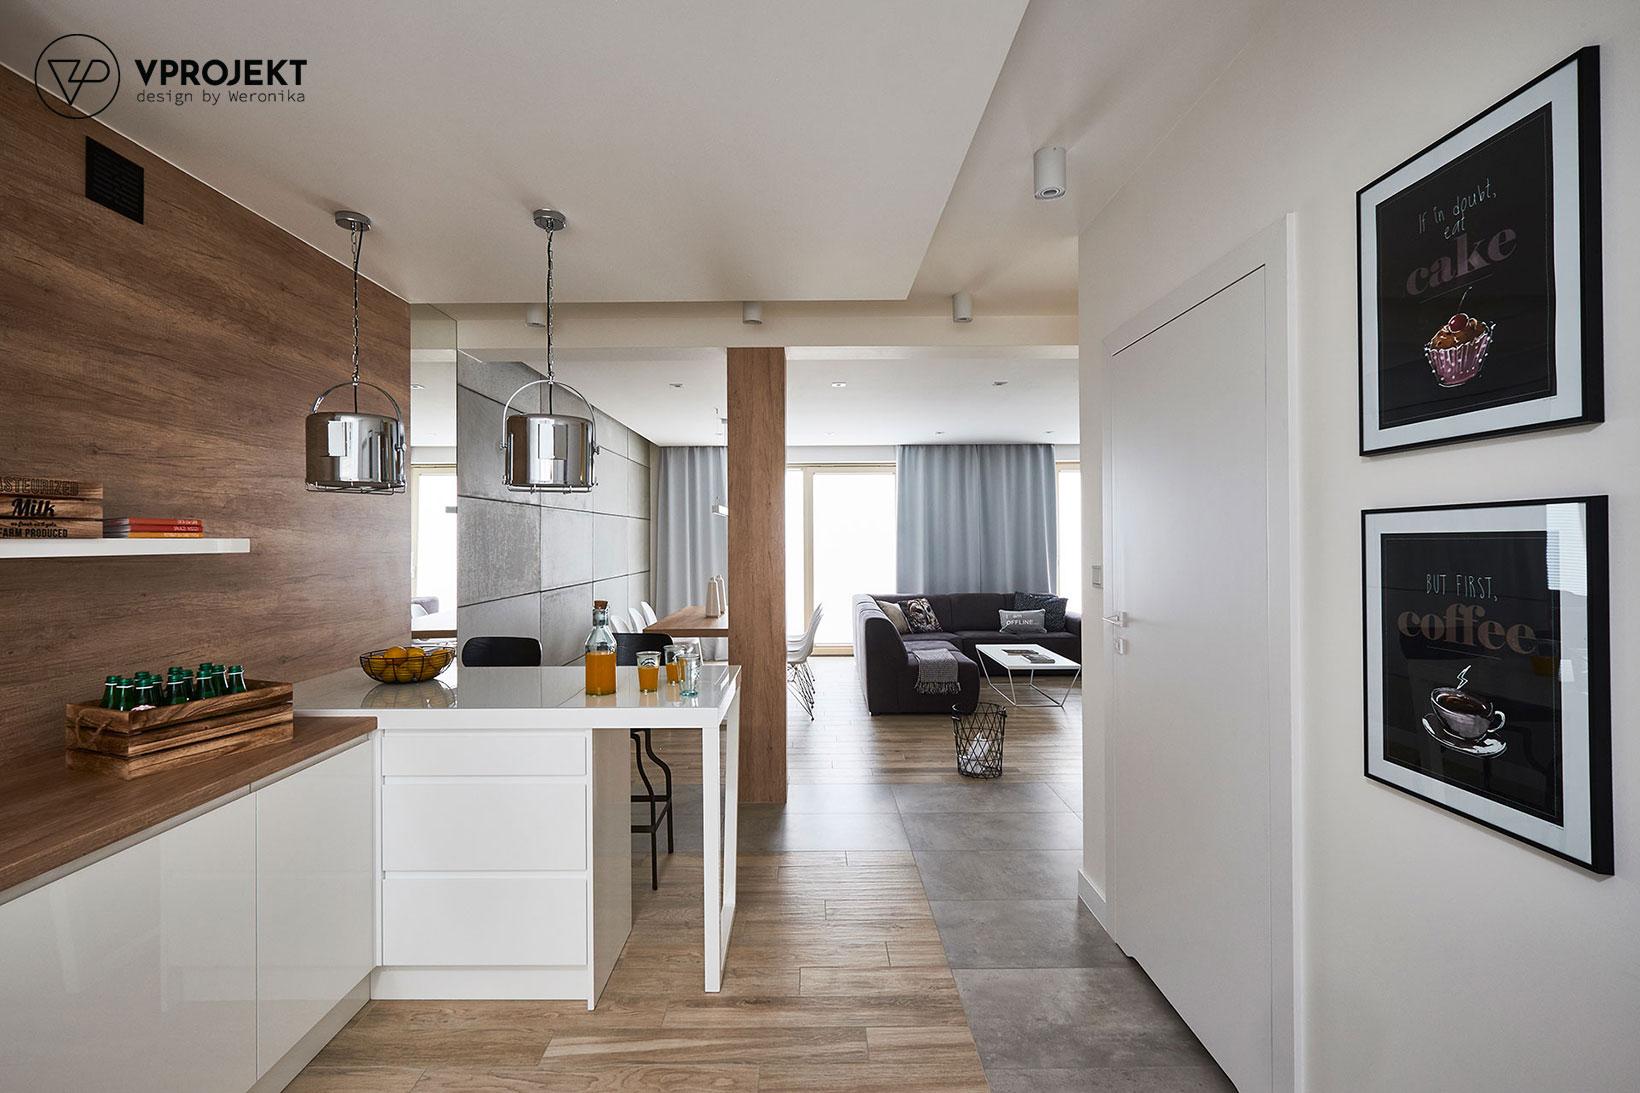 Kuchnia, widok na jadalnię i pokój dzienny, dom w Ostródzie